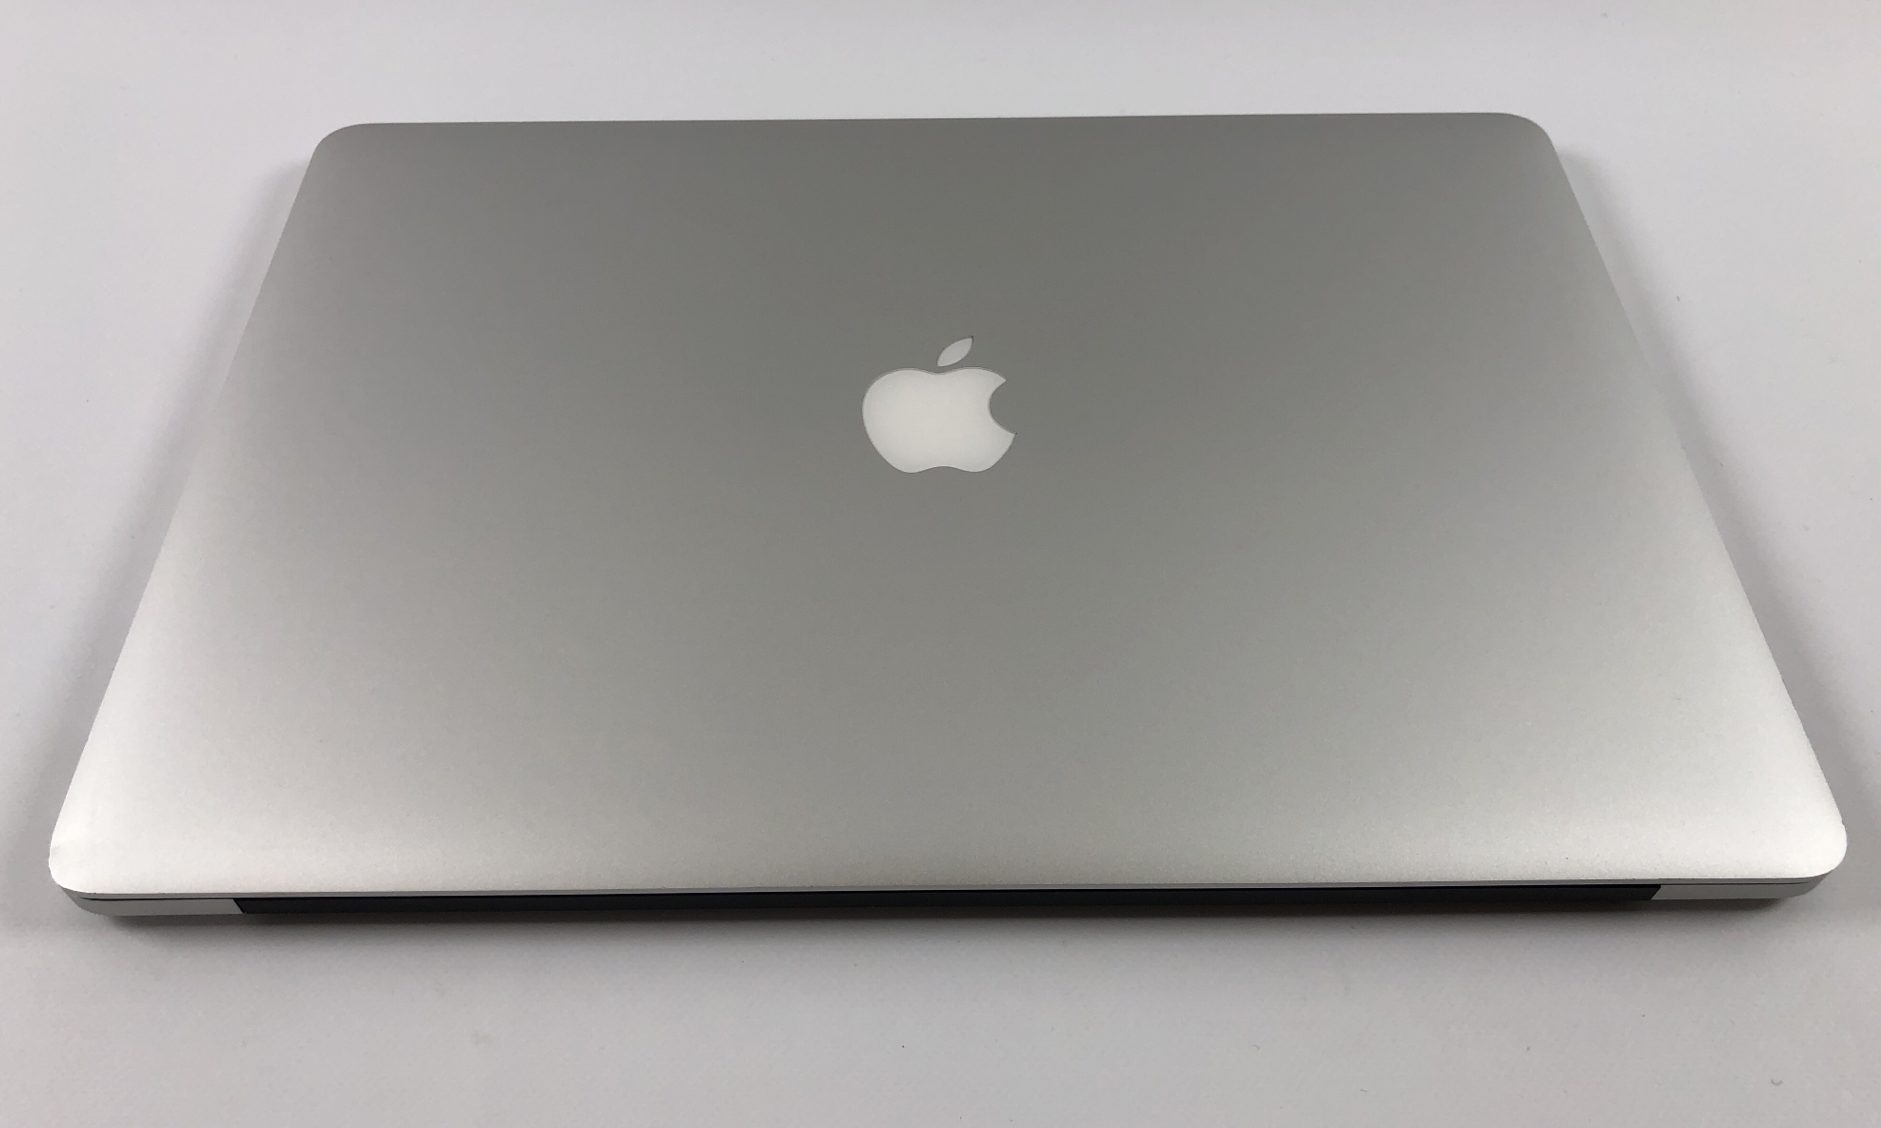 """MacBook Pro Retina 15"""" Mid 2014 (Intel Quad-Core i7 2.8 GHz 16 GB RAM 1 TB SSD), Intel Quad-Core i7 2.8 GHz, 16 GB RAM, 1 TB SSD, Afbeelding 2"""